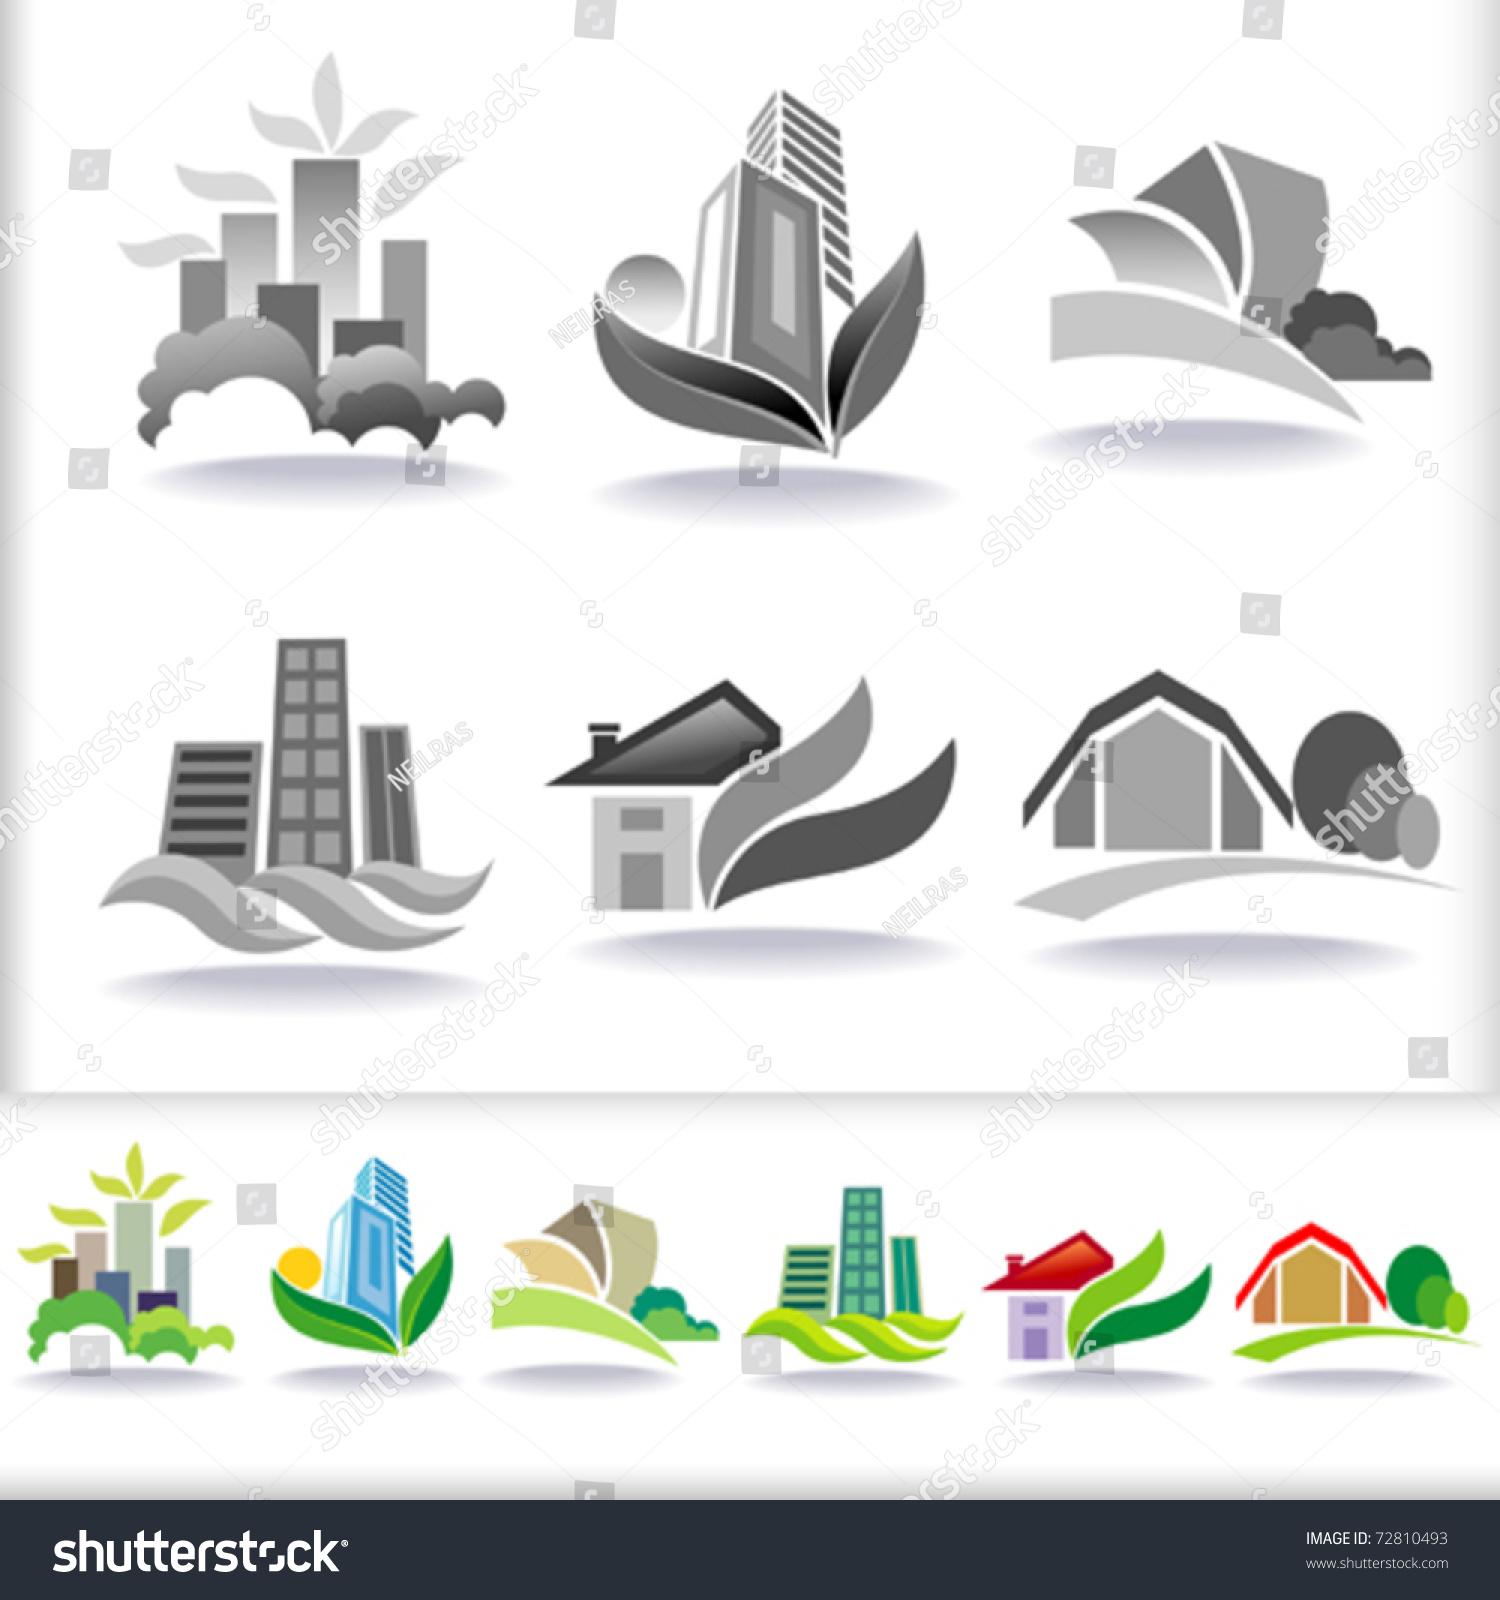 Eco Friendly Urban Architecture Symbols Icon Stock Vector